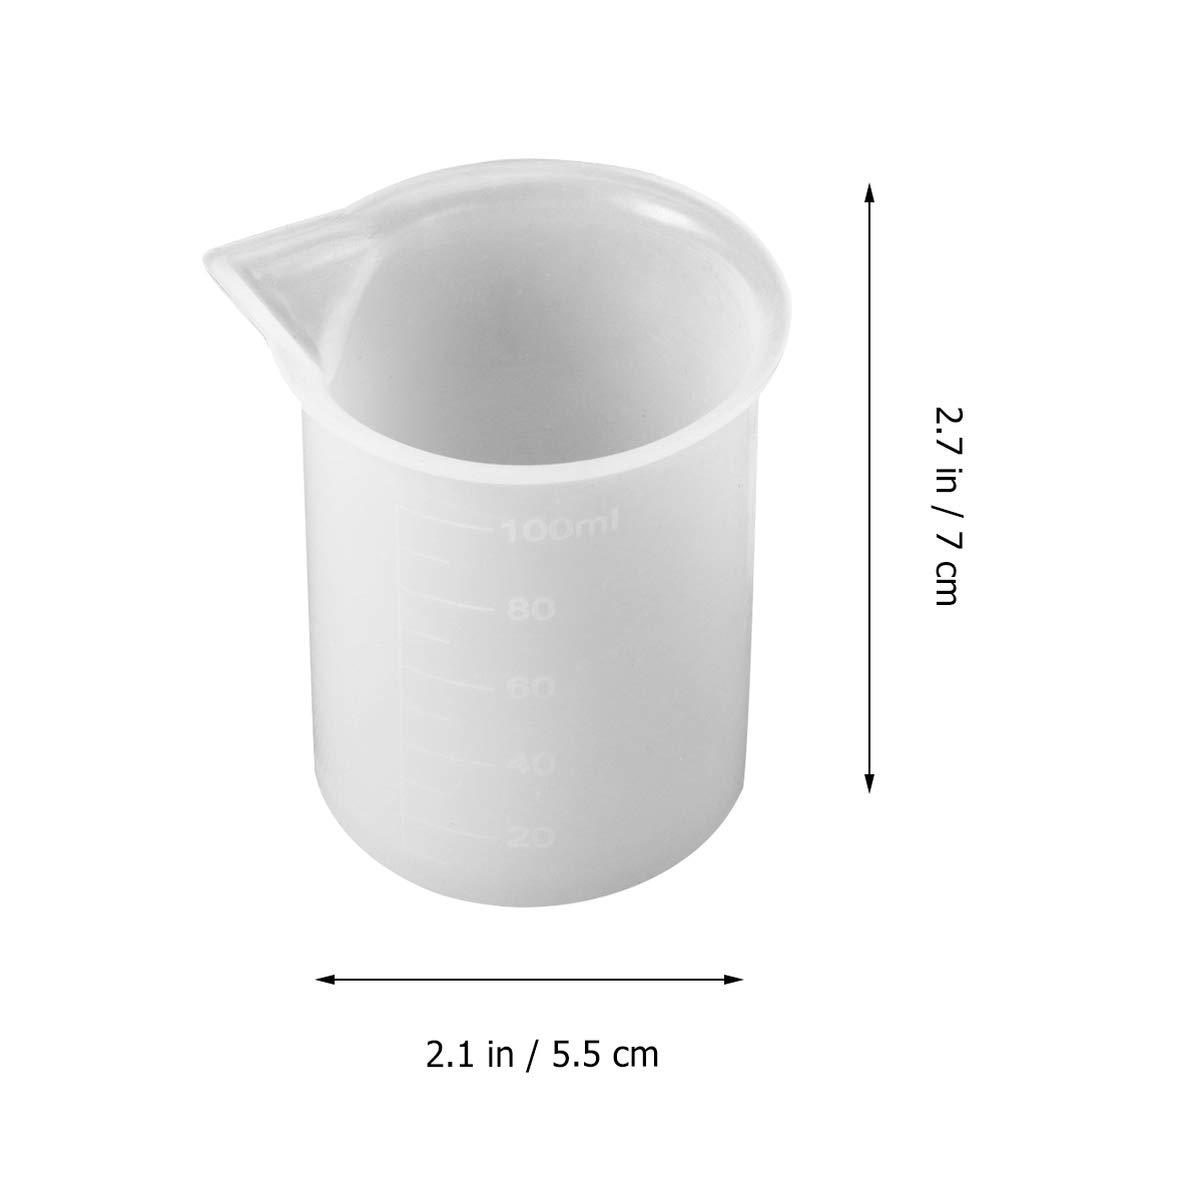 Milisten 16er Silikon Messbecher Silikonbecher zum Mischen von Epoxidharz-Farbflecken